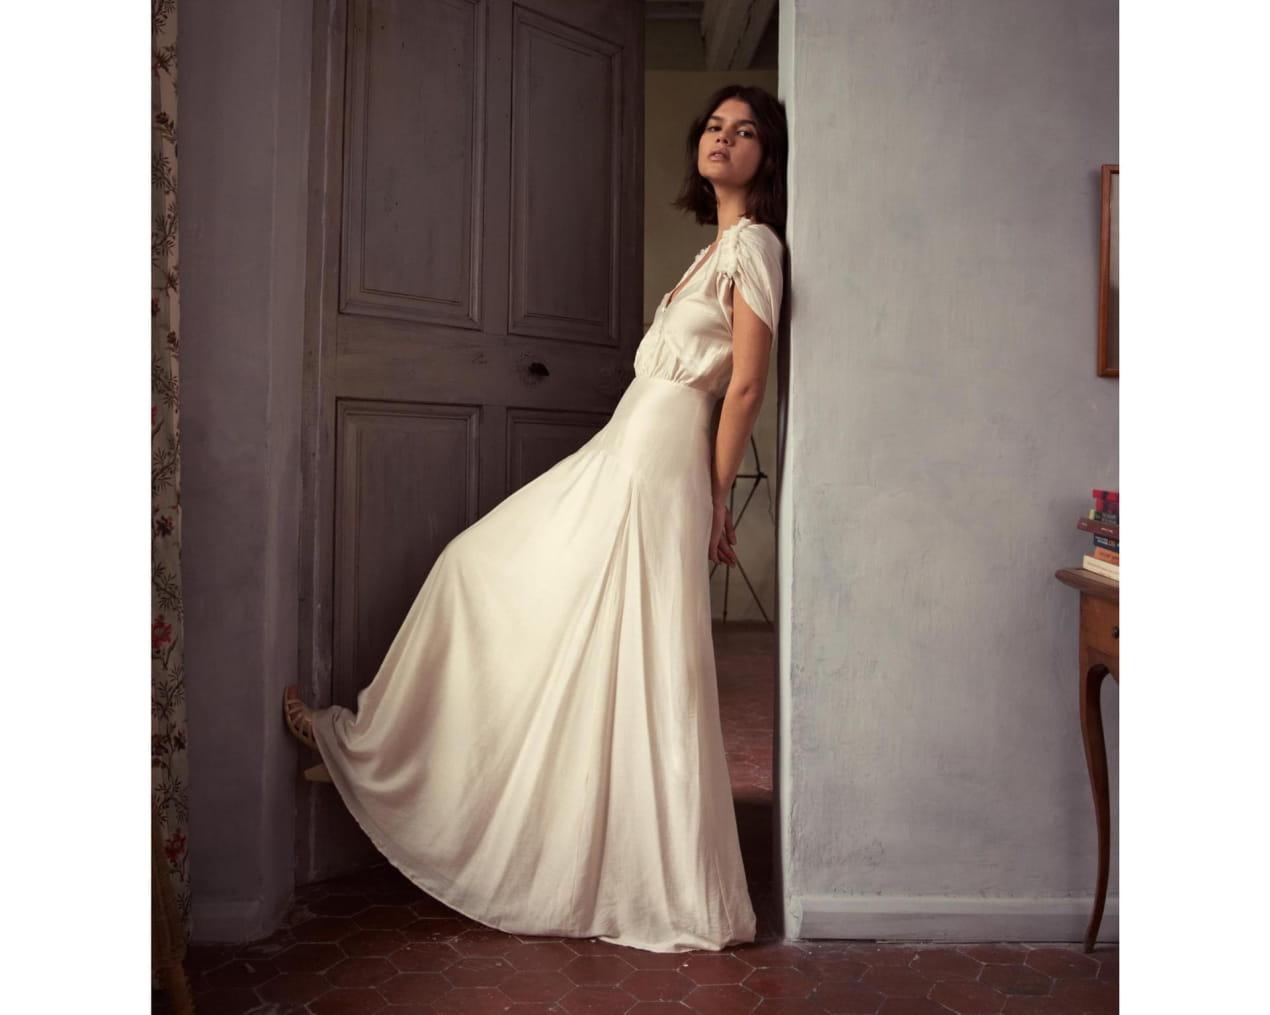 femme-debout-adossée-mur-robe-blanche-longue